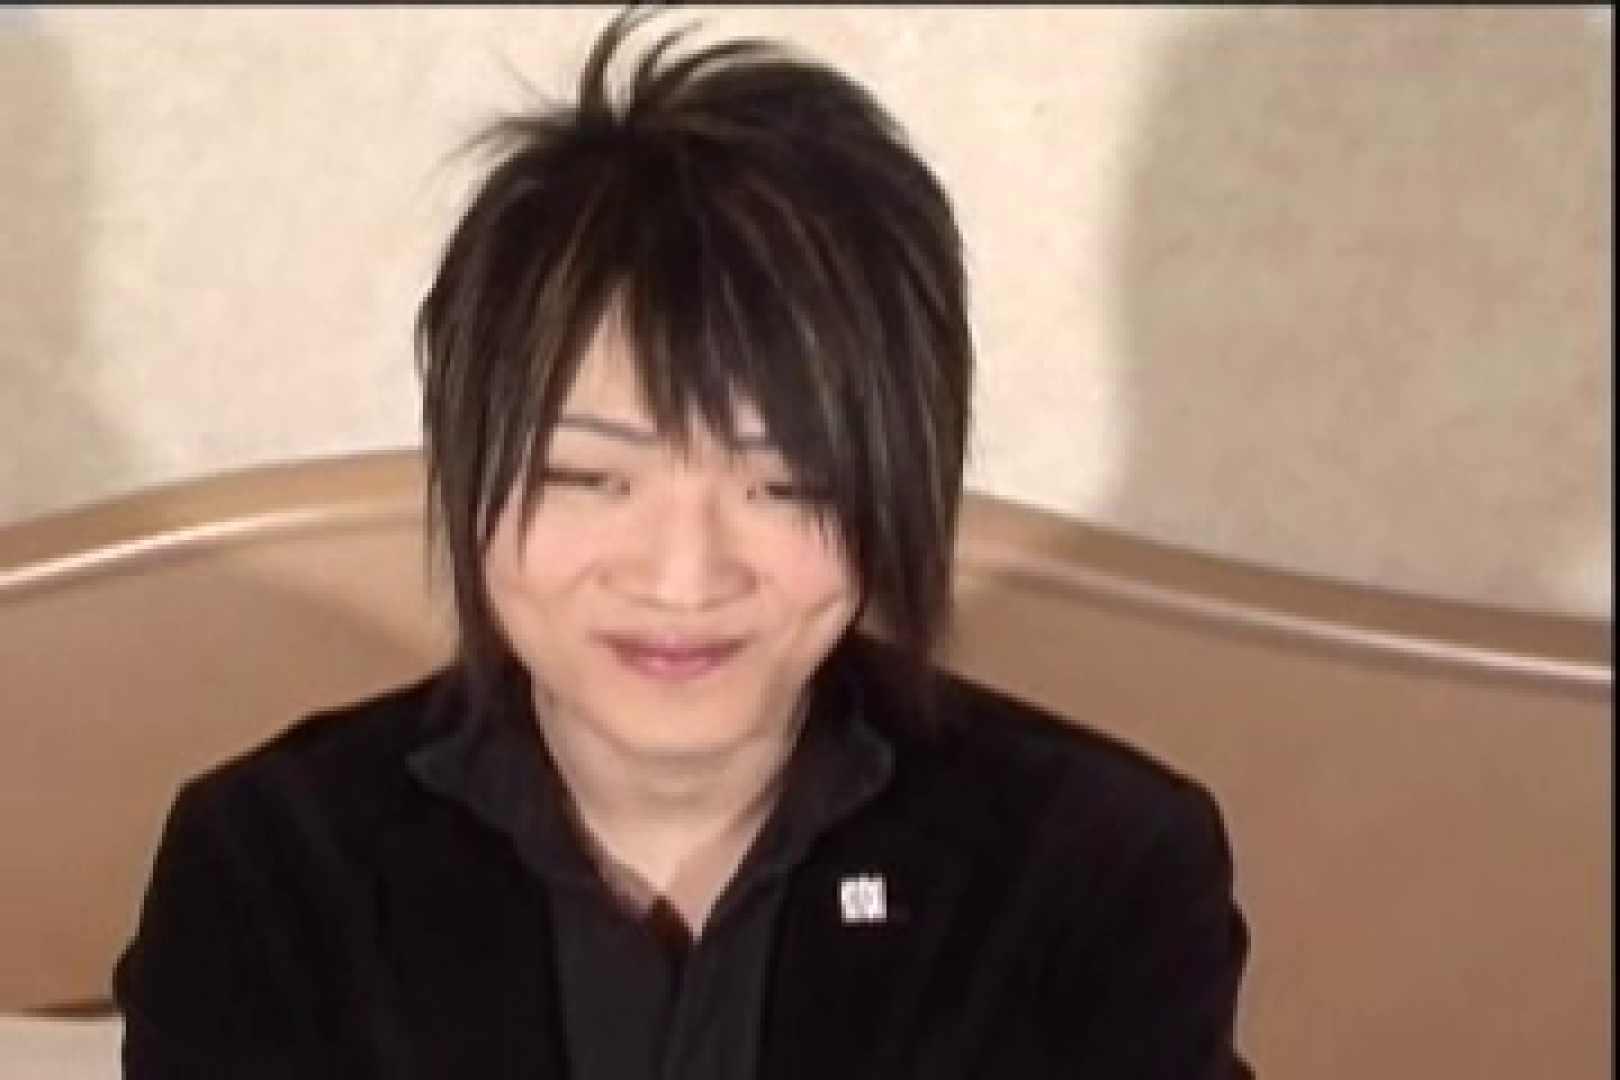 美少年 敏感チンコ達! ! パート2 ローターまつり ゲイエロ動画 75pic 19